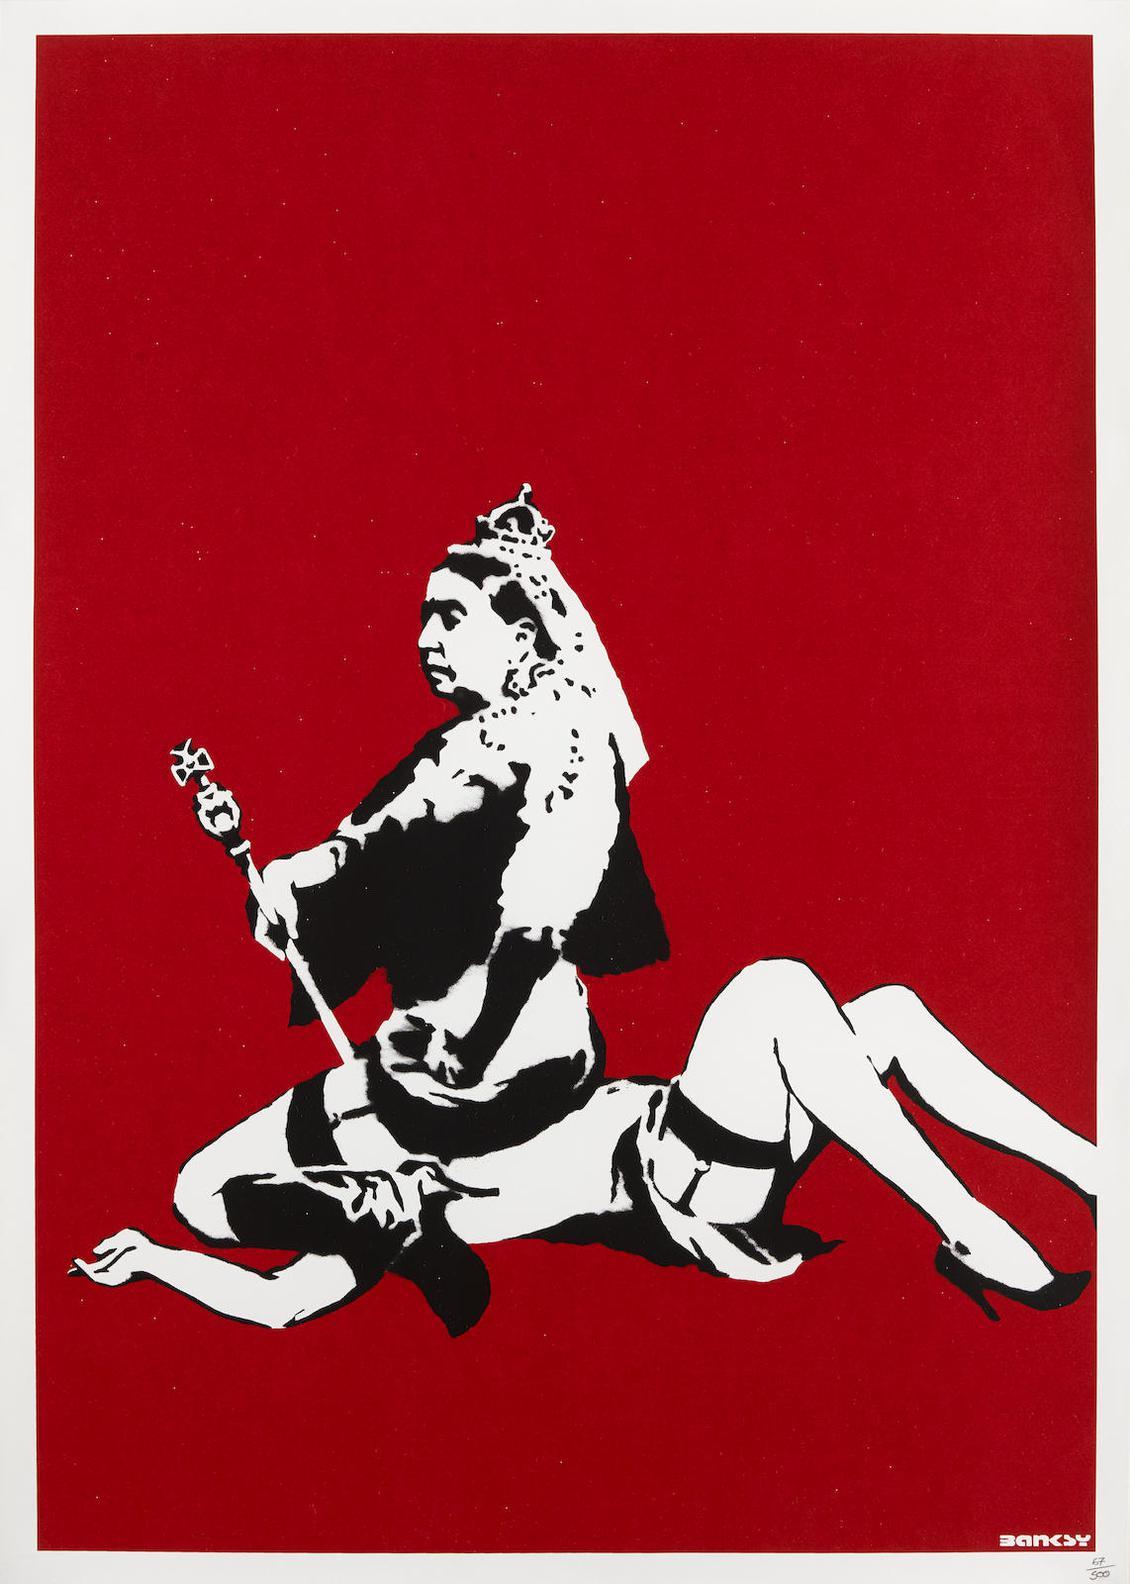 Banksy-Queen Victoria-2003